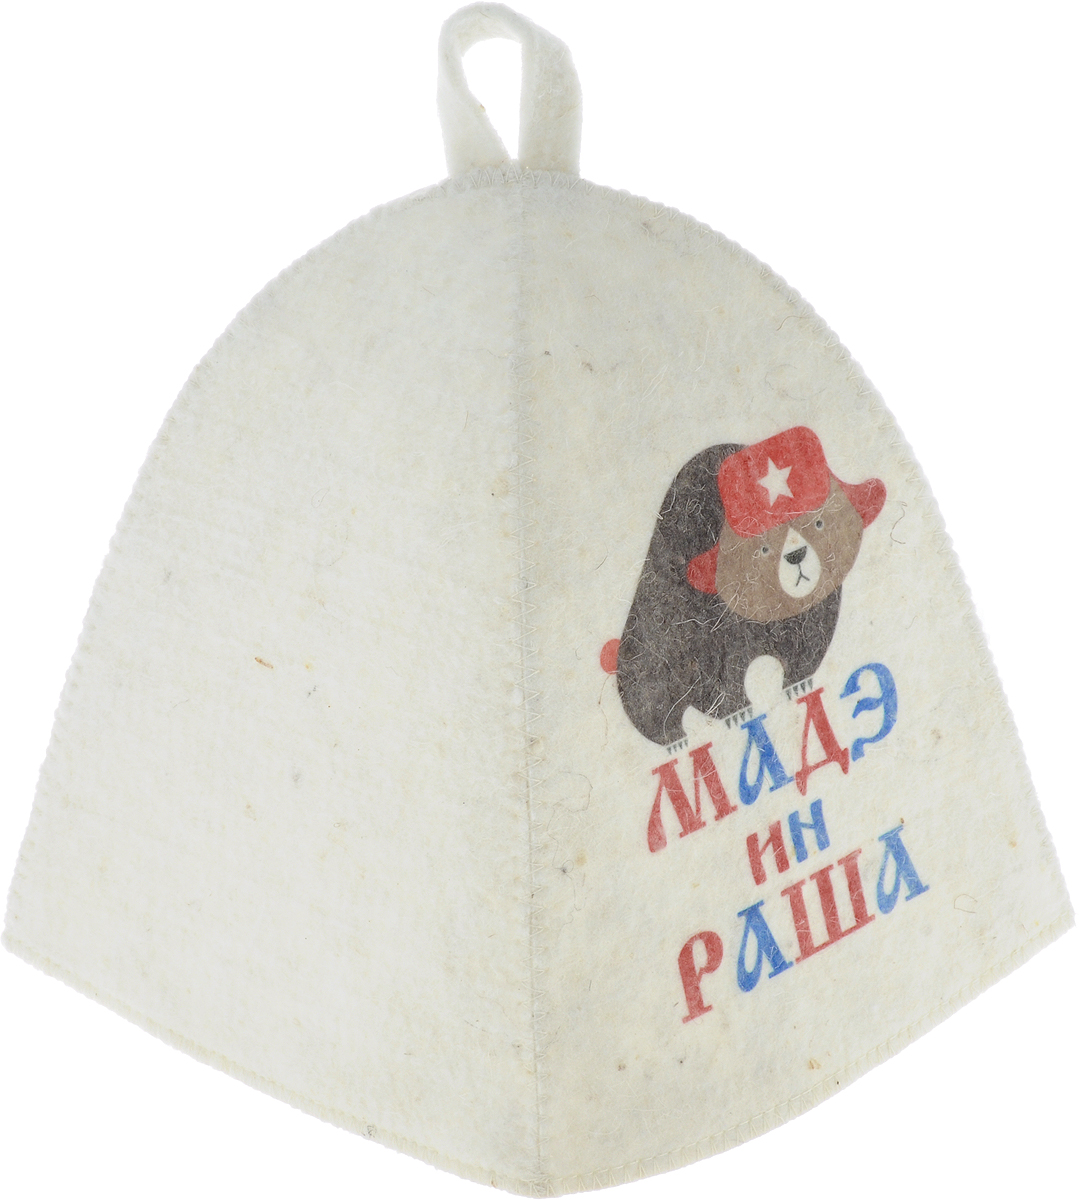 Шапка для бани и сауны Главбаня Мадэ ин рашаAPS-4L-01Шапка для бани и сауны Главбаня Мадэ ин раша, изготовленная из войлока, станет незаменимым аксессуаром для любителей попариться в русской бане и для тех, кто предпочитает сухой жар финской бани. Шапка оформлена оригинальным принтом и дополнена надписью Мадэ ин раша. Шапка защитит от головокружения в бане и перегрева головы, а также предотвратит ломкость волос. С помощью специальной петельки шапку удобно вешать на крючок в предбаннике.Такая шапка станет отличным подарком для любителей отдыха в бане или сауне. Высота шапки: 24 см. Обхват головы: 70 см.